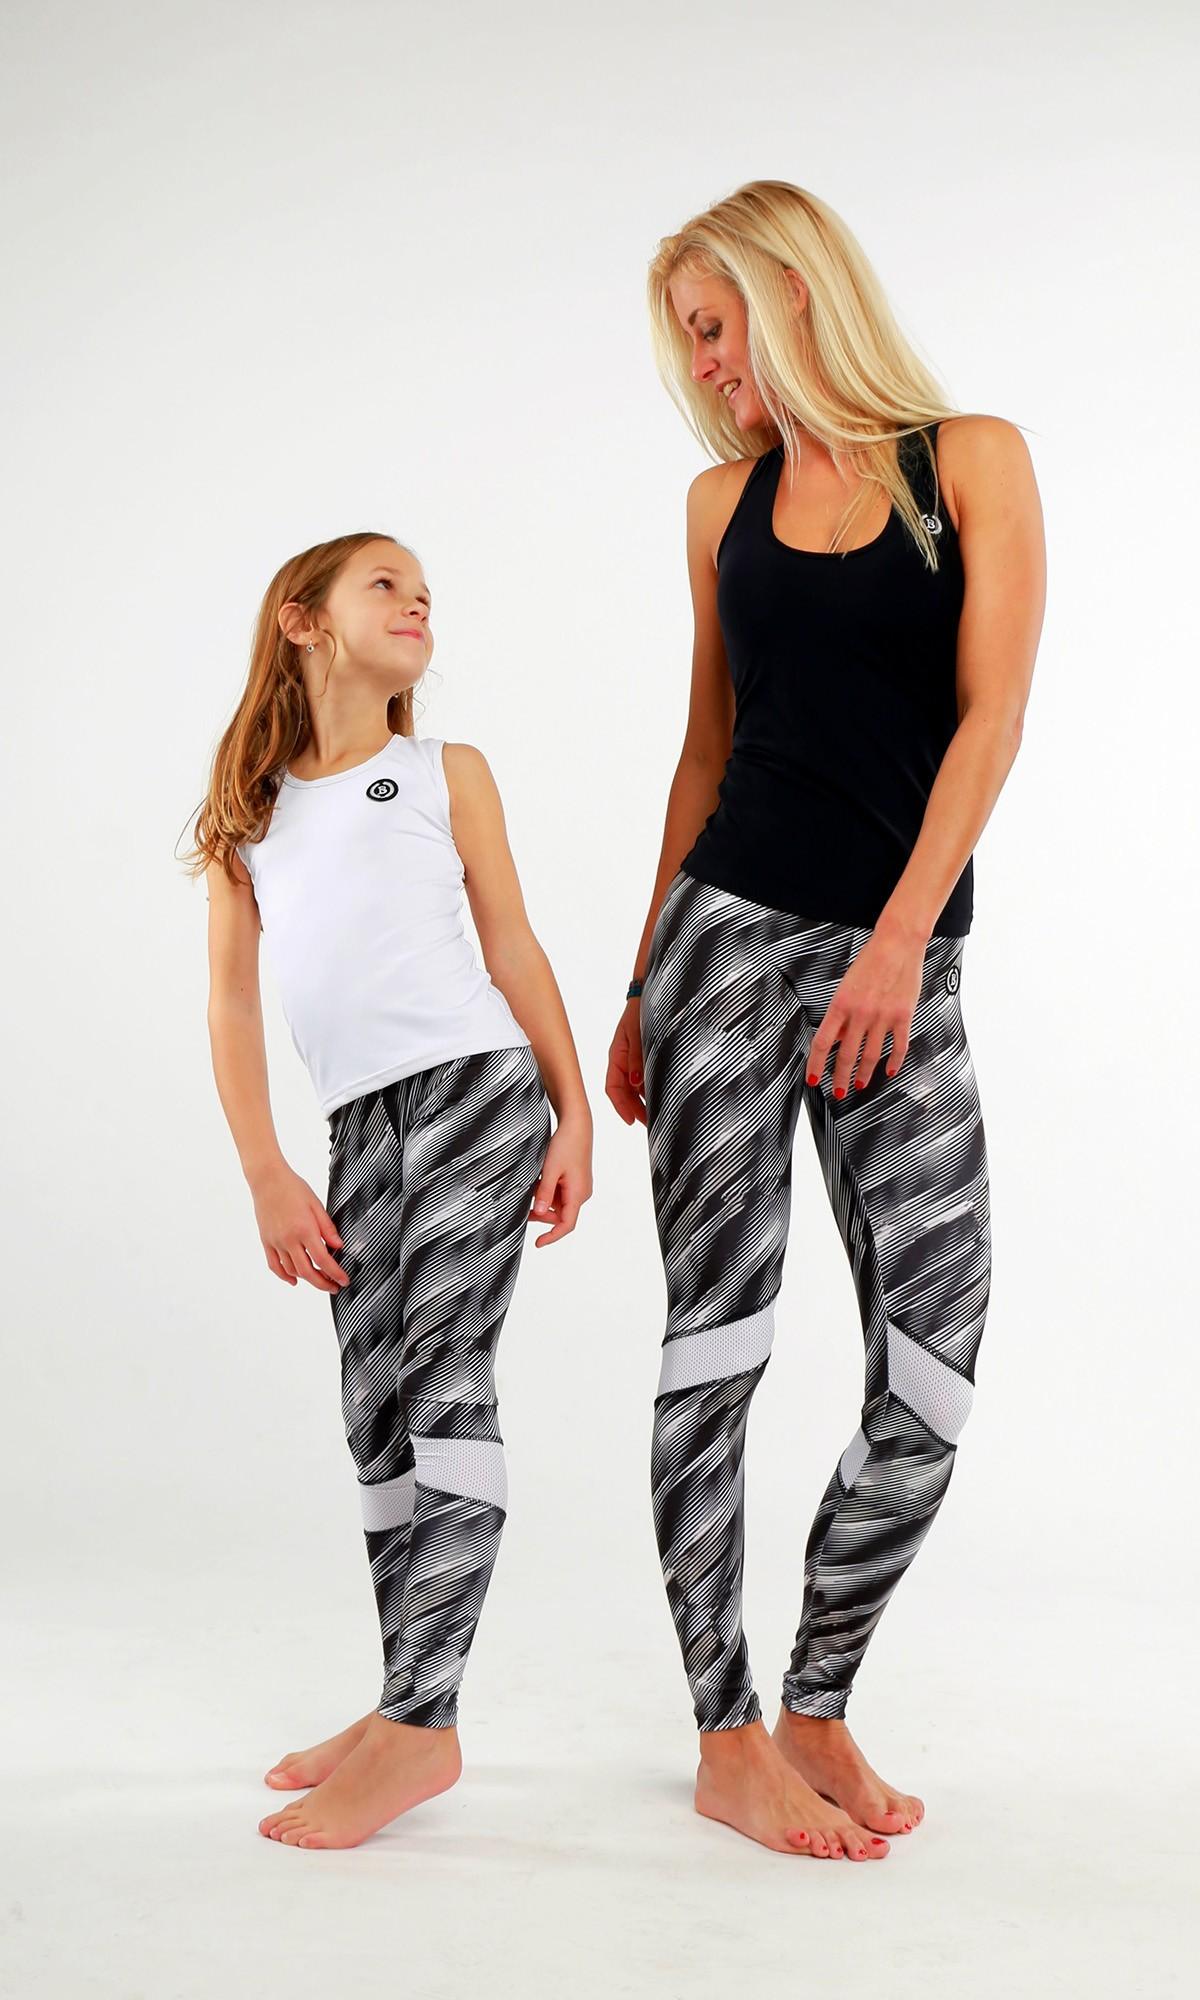 045db4c96e Zebra gyerek fitnesz szett   Fitness és sportruházat Női fitness nadrágok,  sportmelltartók webáruháza - - Sportruházat -